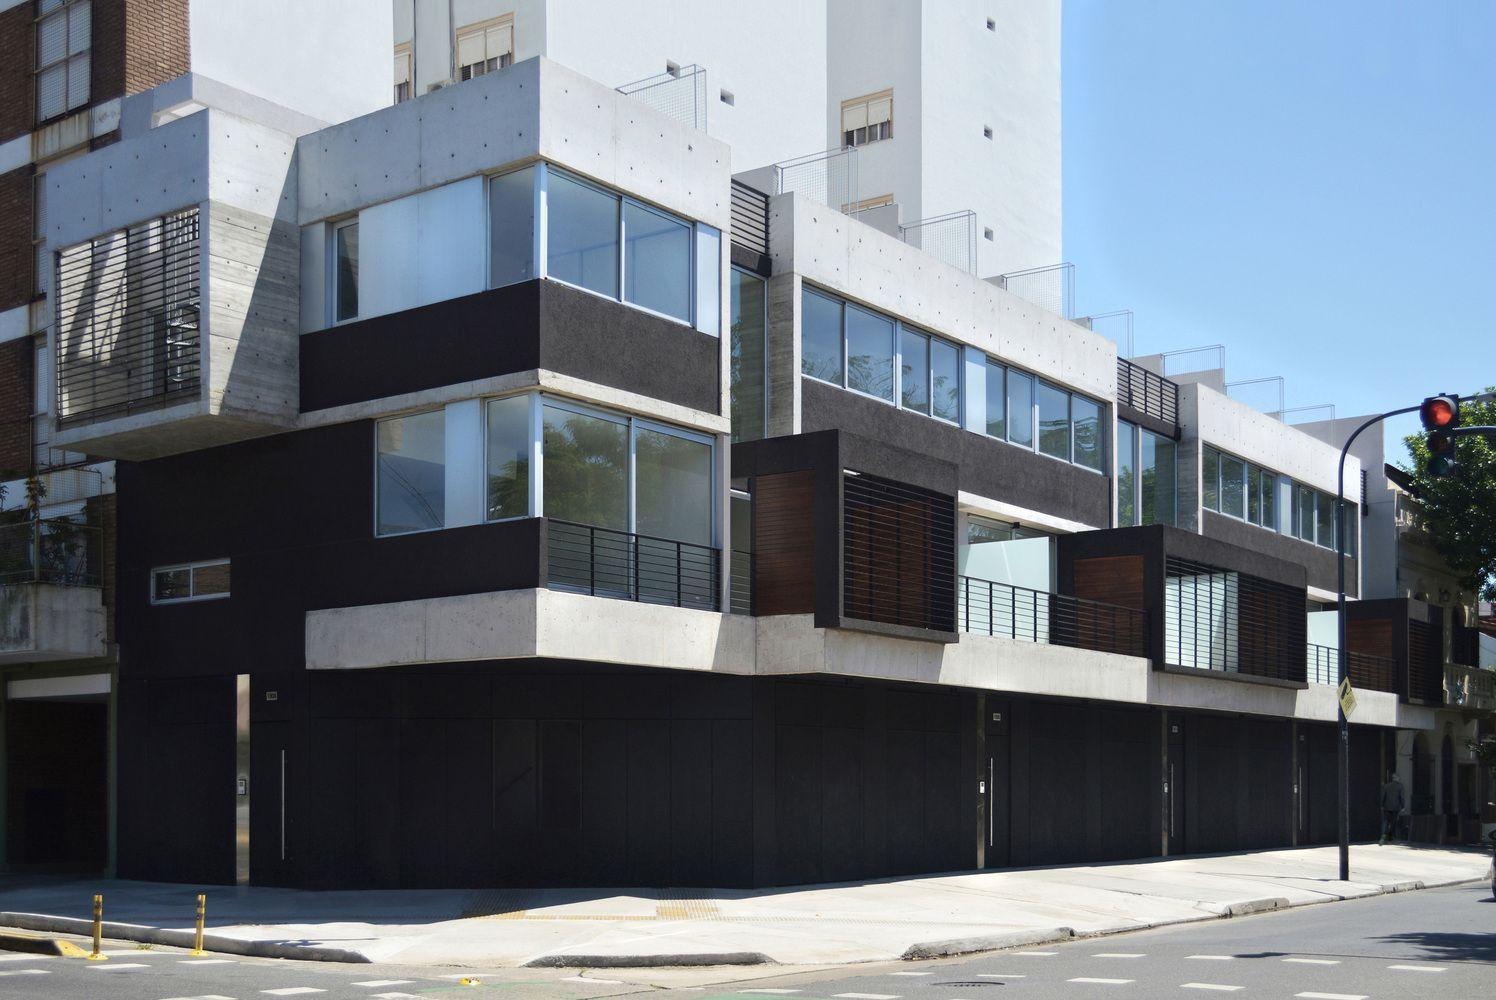 Galeria de Urban Style Pampa / F2M Arquitectos - 1